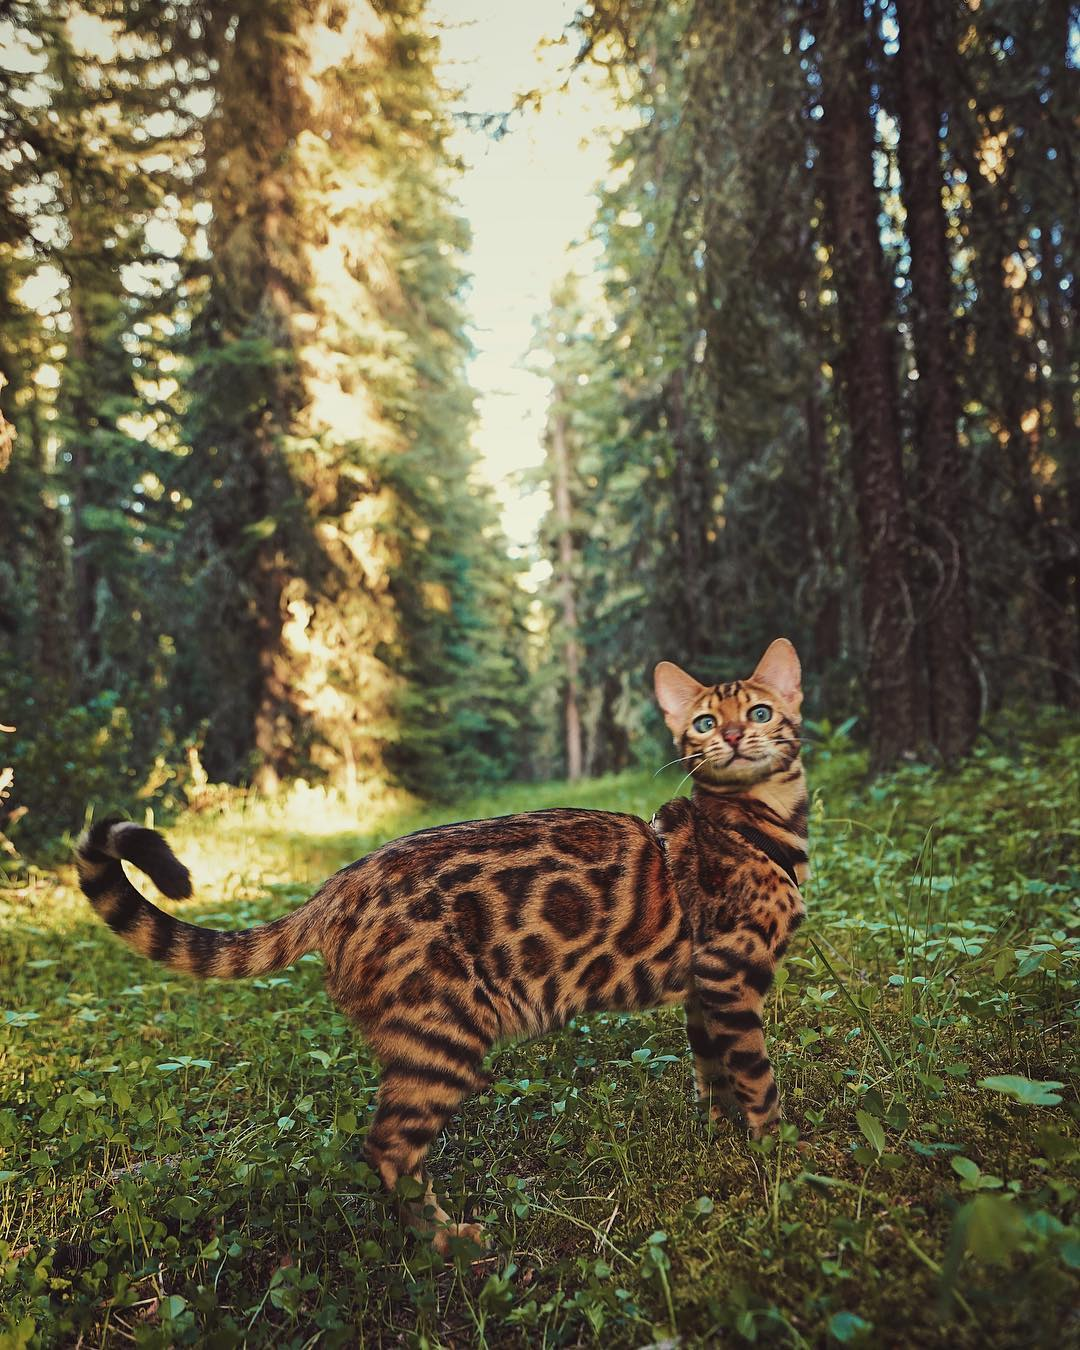 عکس گربه بنگال , گربه برای پس زمینه